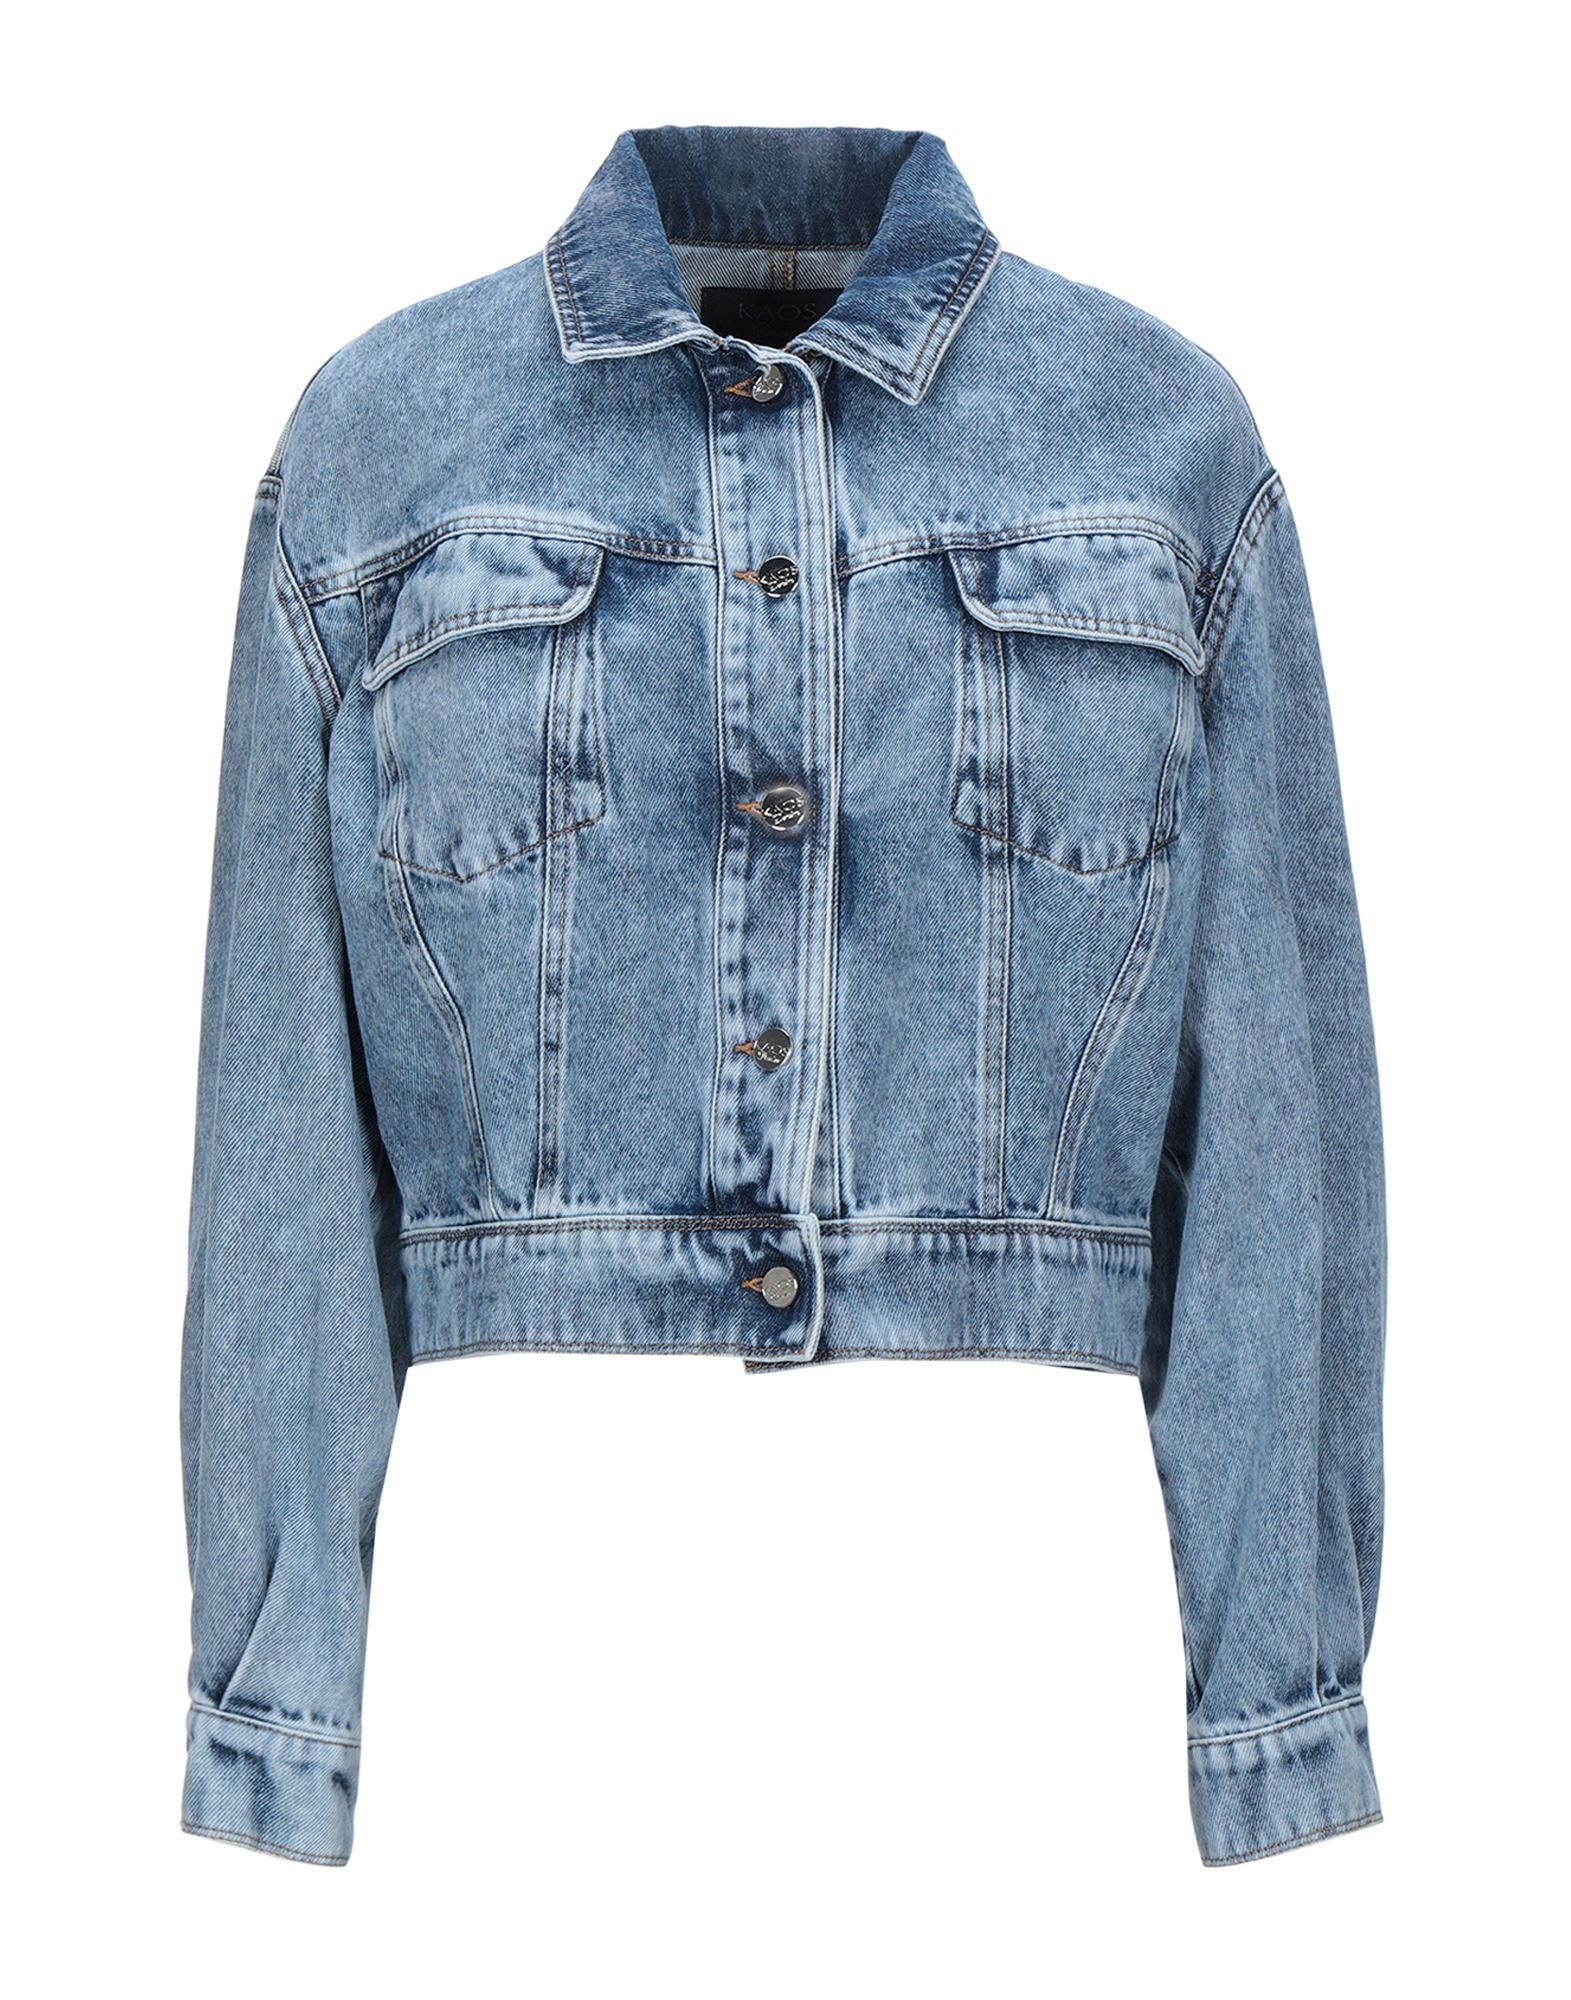 Фото - KAOS JEANS Джинсовая верхняя одежда goldsign джинсовая верхняя одежда